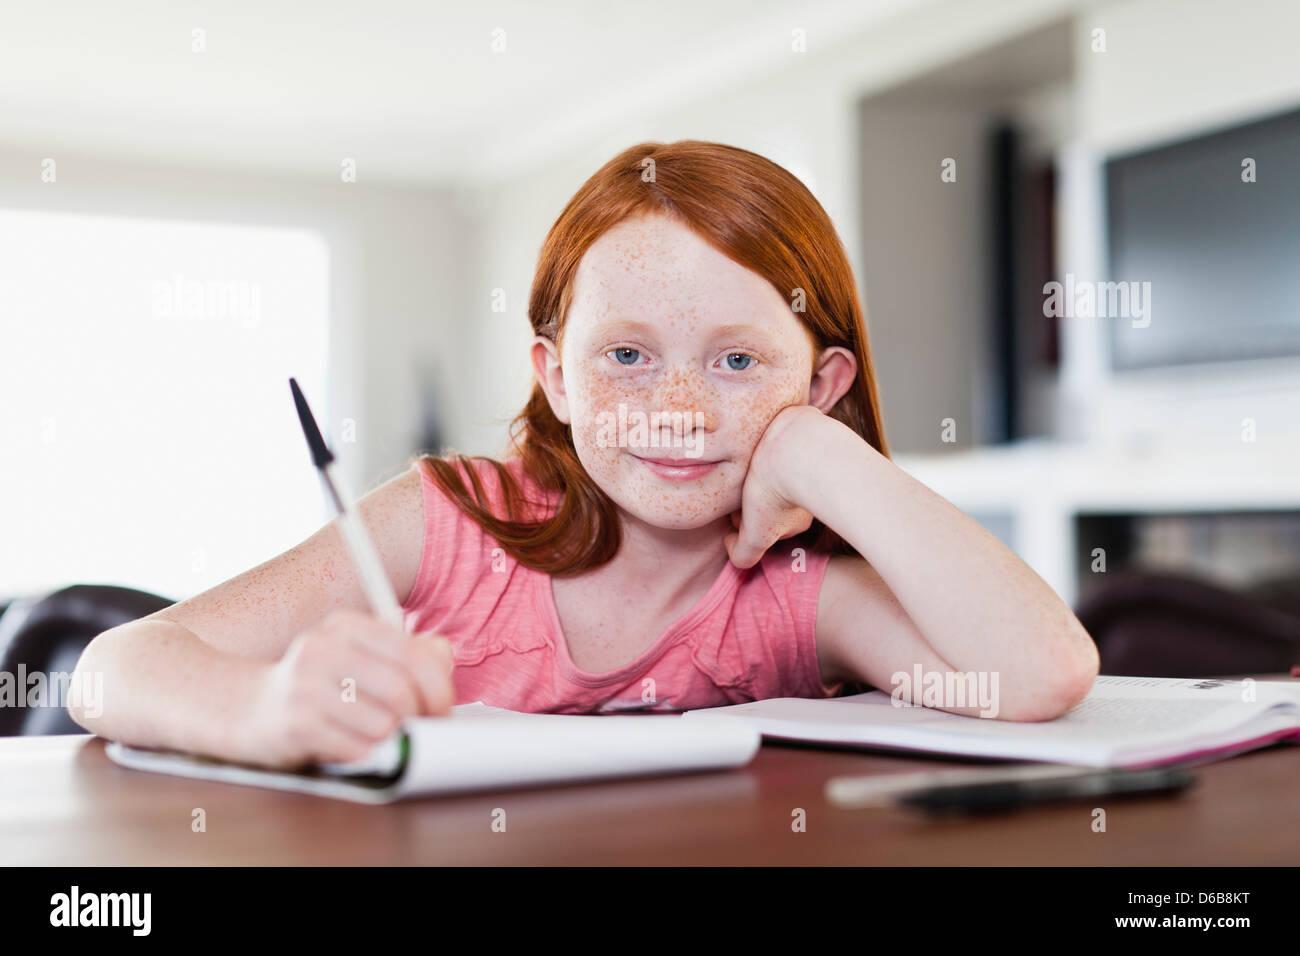 Chica sonriente haciendo los deberes Imagen De Stock